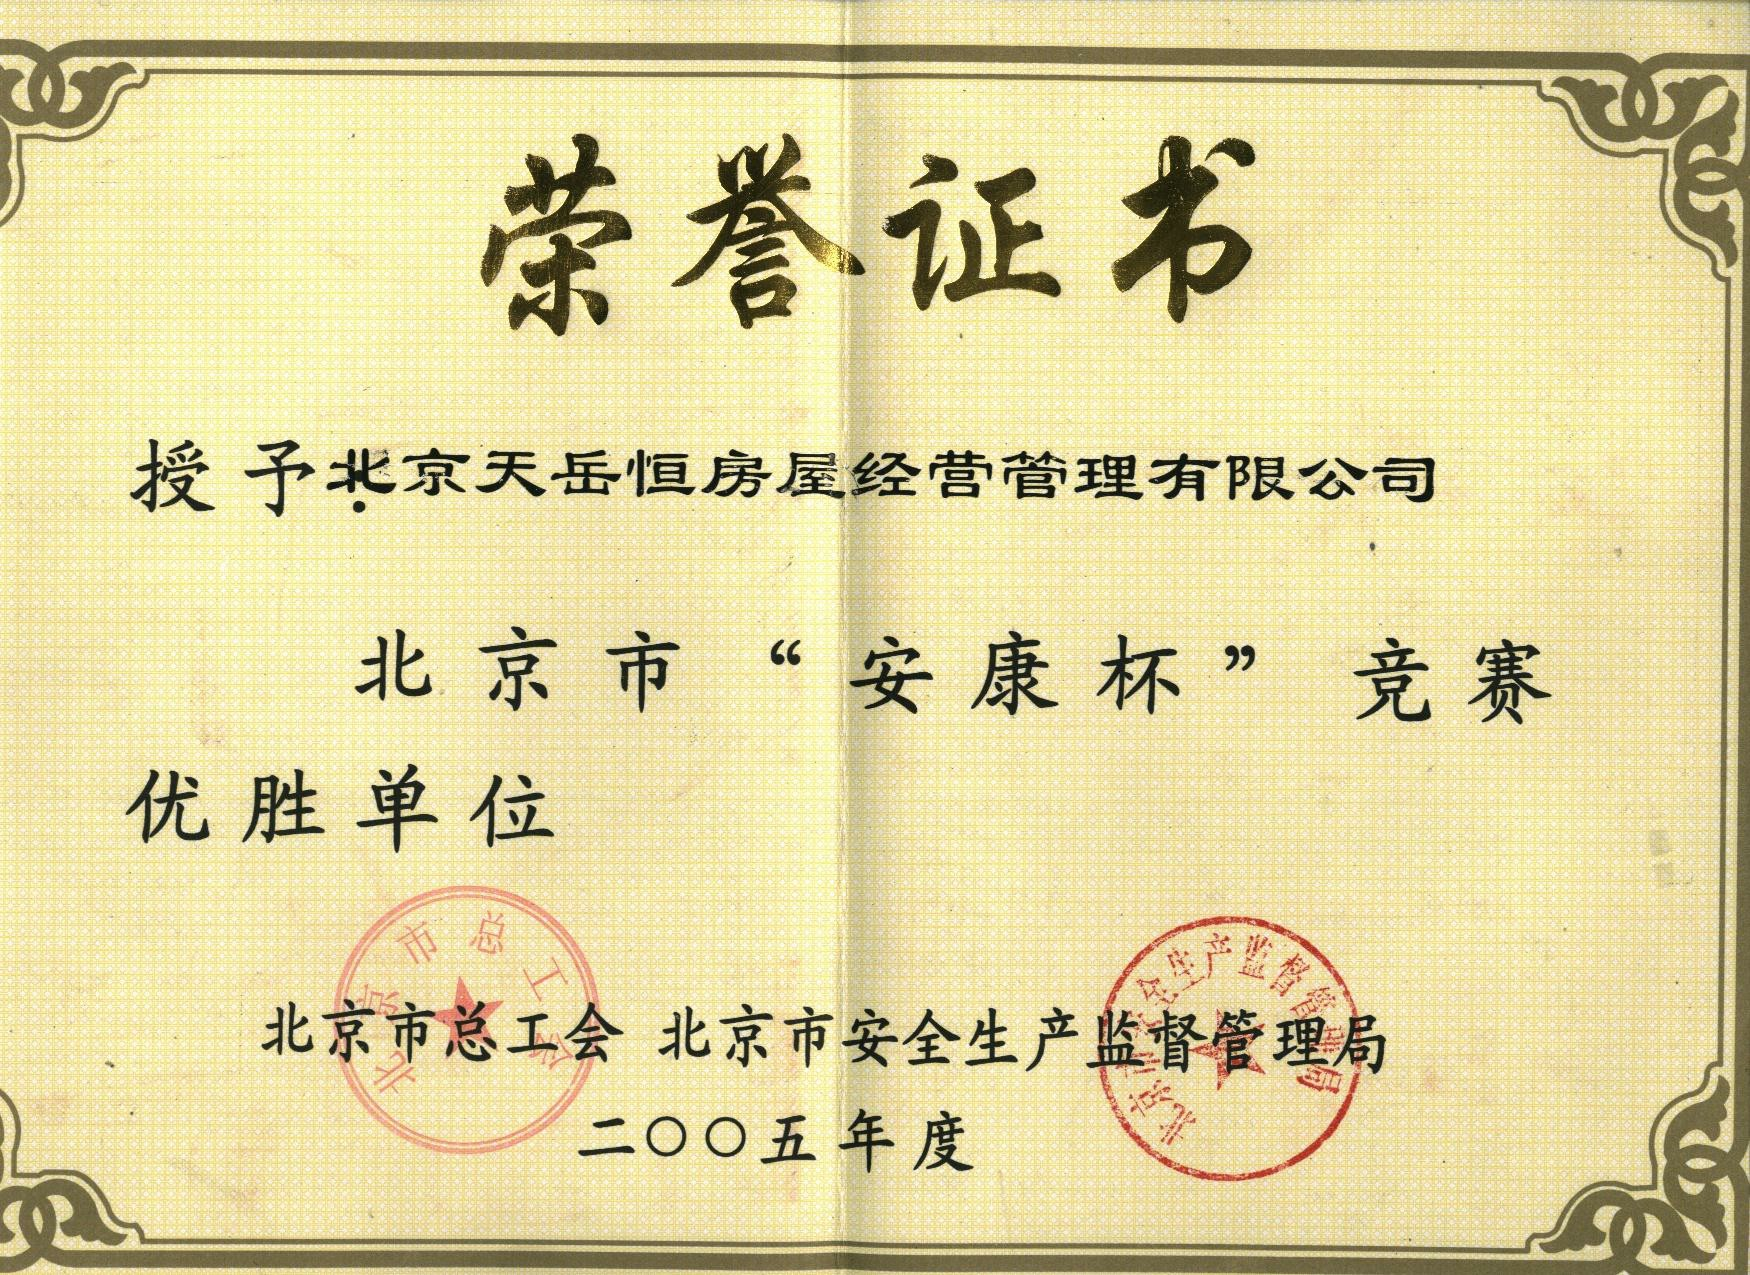 2005-安康杯